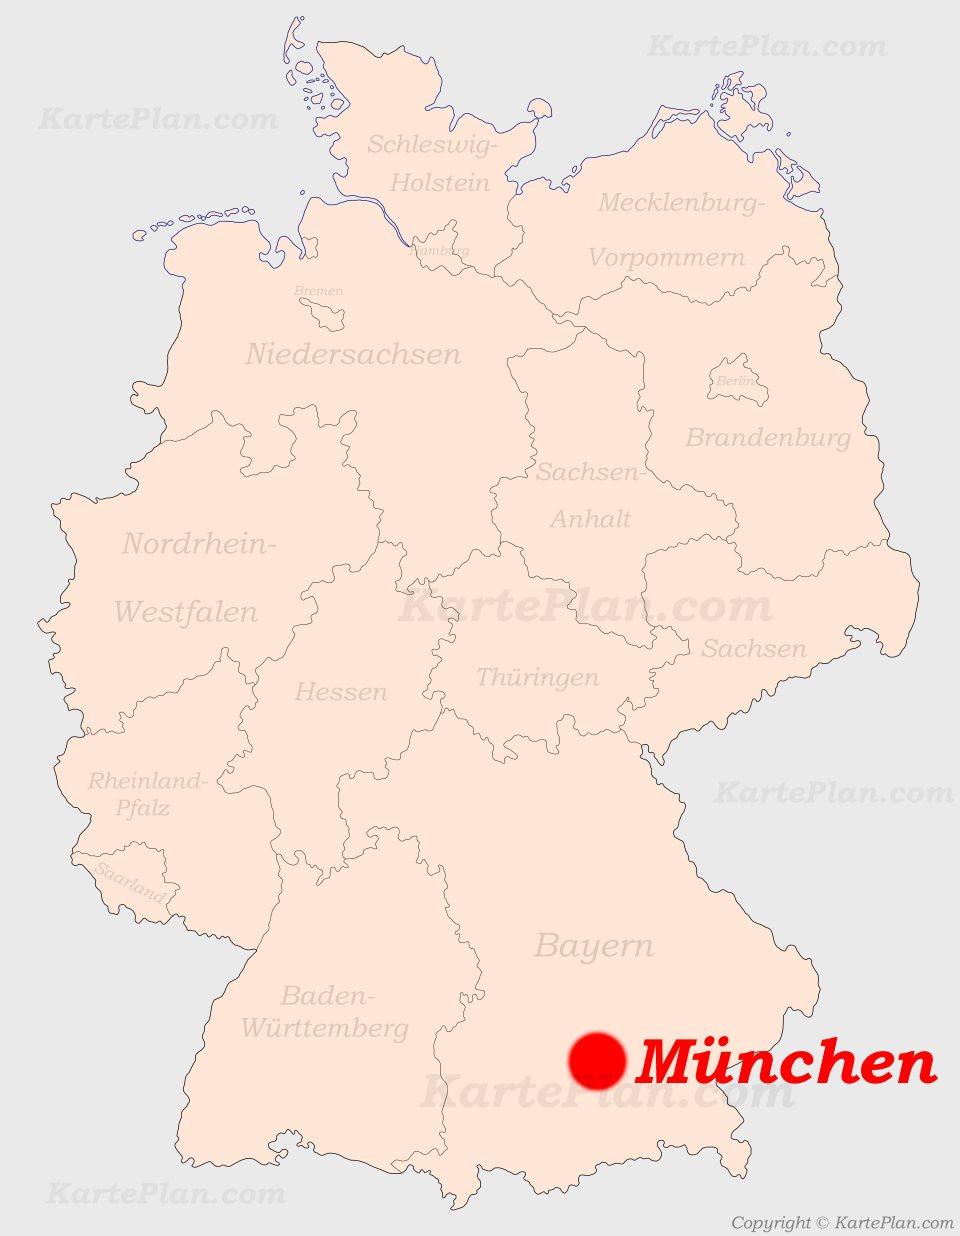 Munchen Auf Der Deutschlandkarte